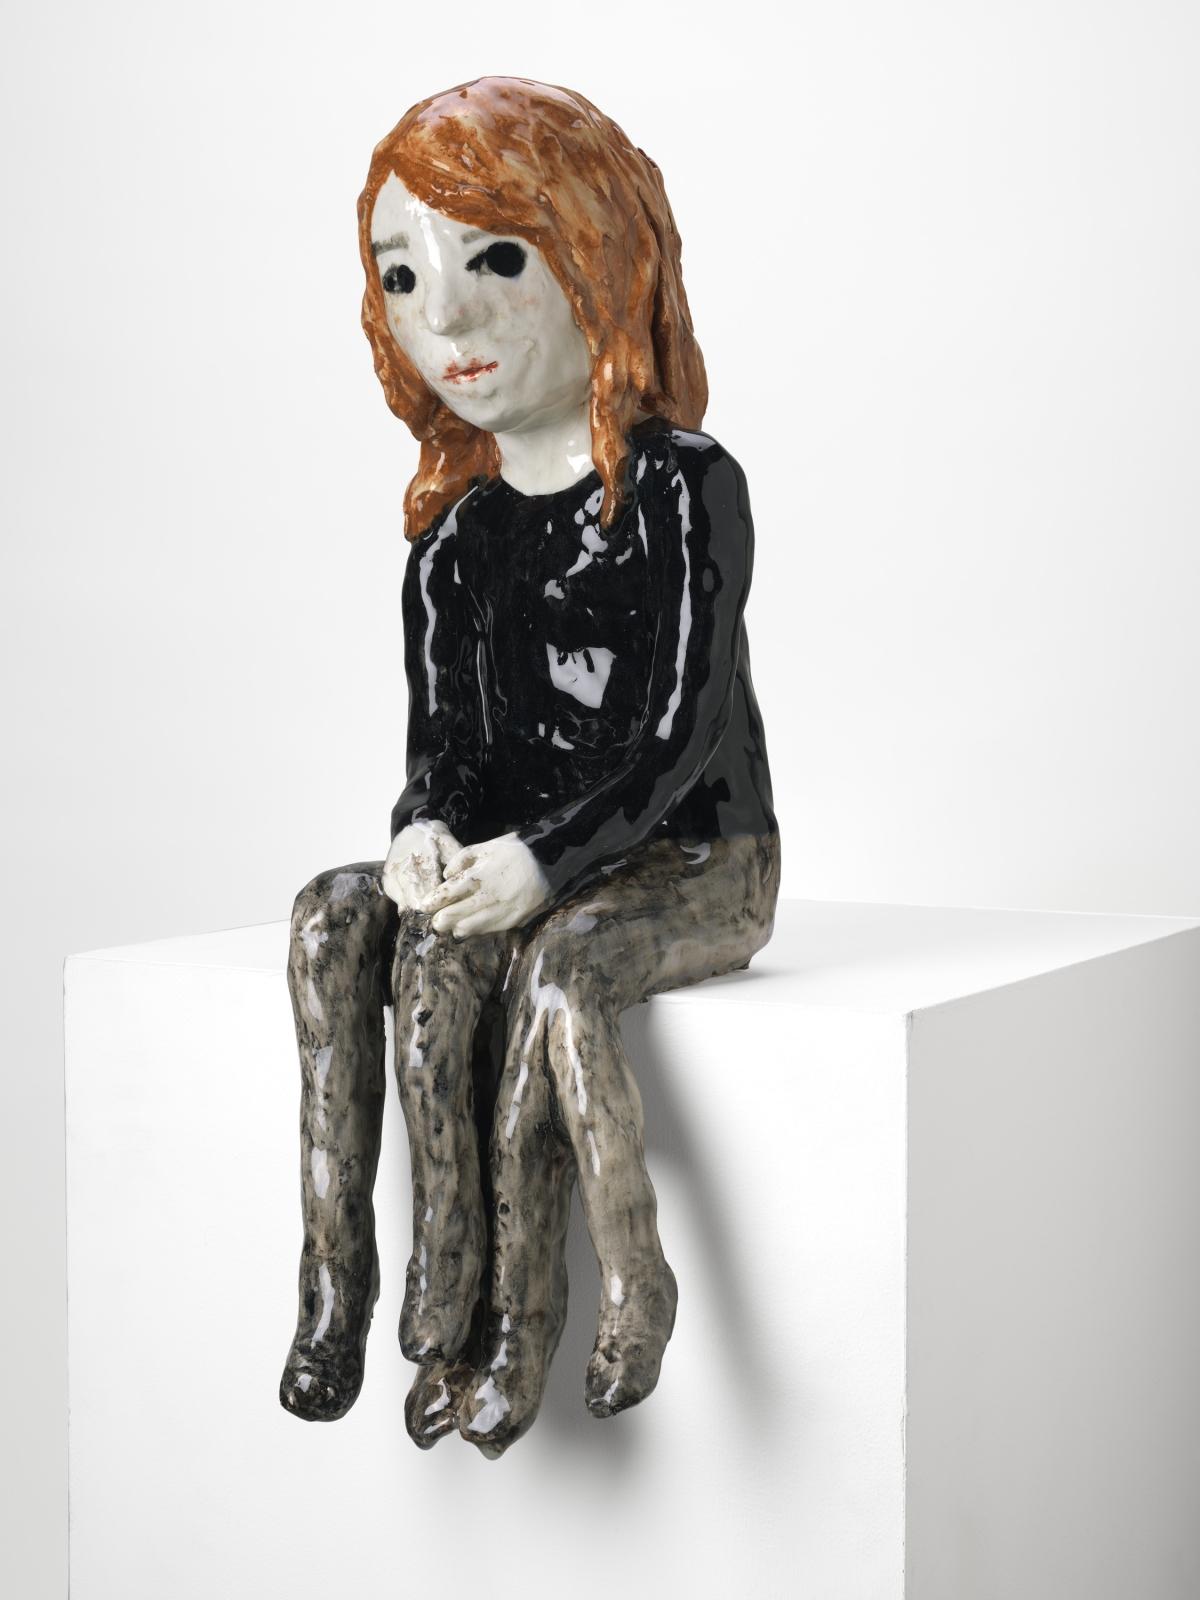 克拉拉·克莉斯塔洛娃 Some Kind of Monster, 2011